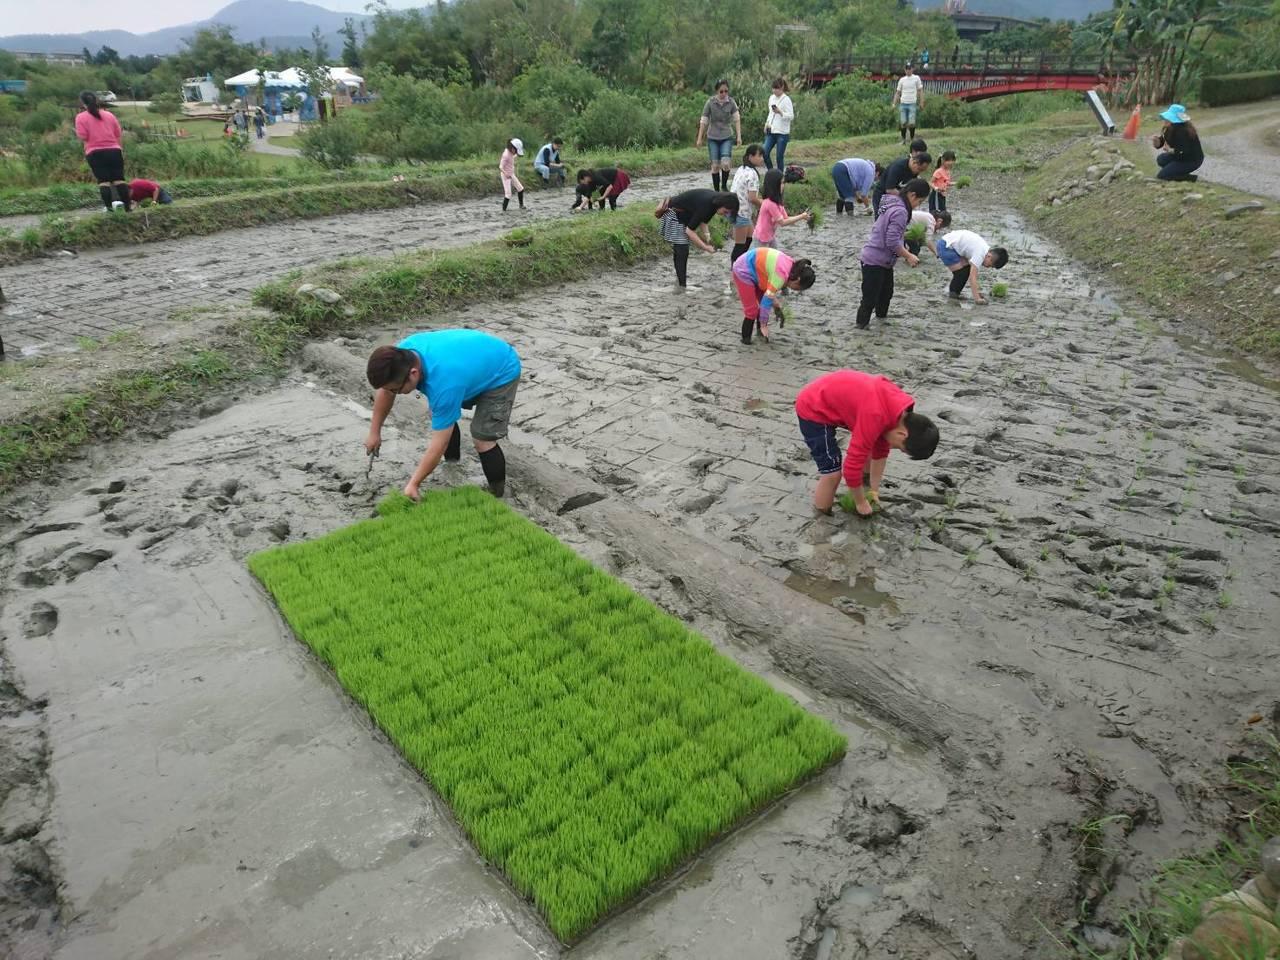 邁入第20年的宜蘭綠色博覽會,本月30日到5月12日要在冬山河生態綠舟登場,今天...